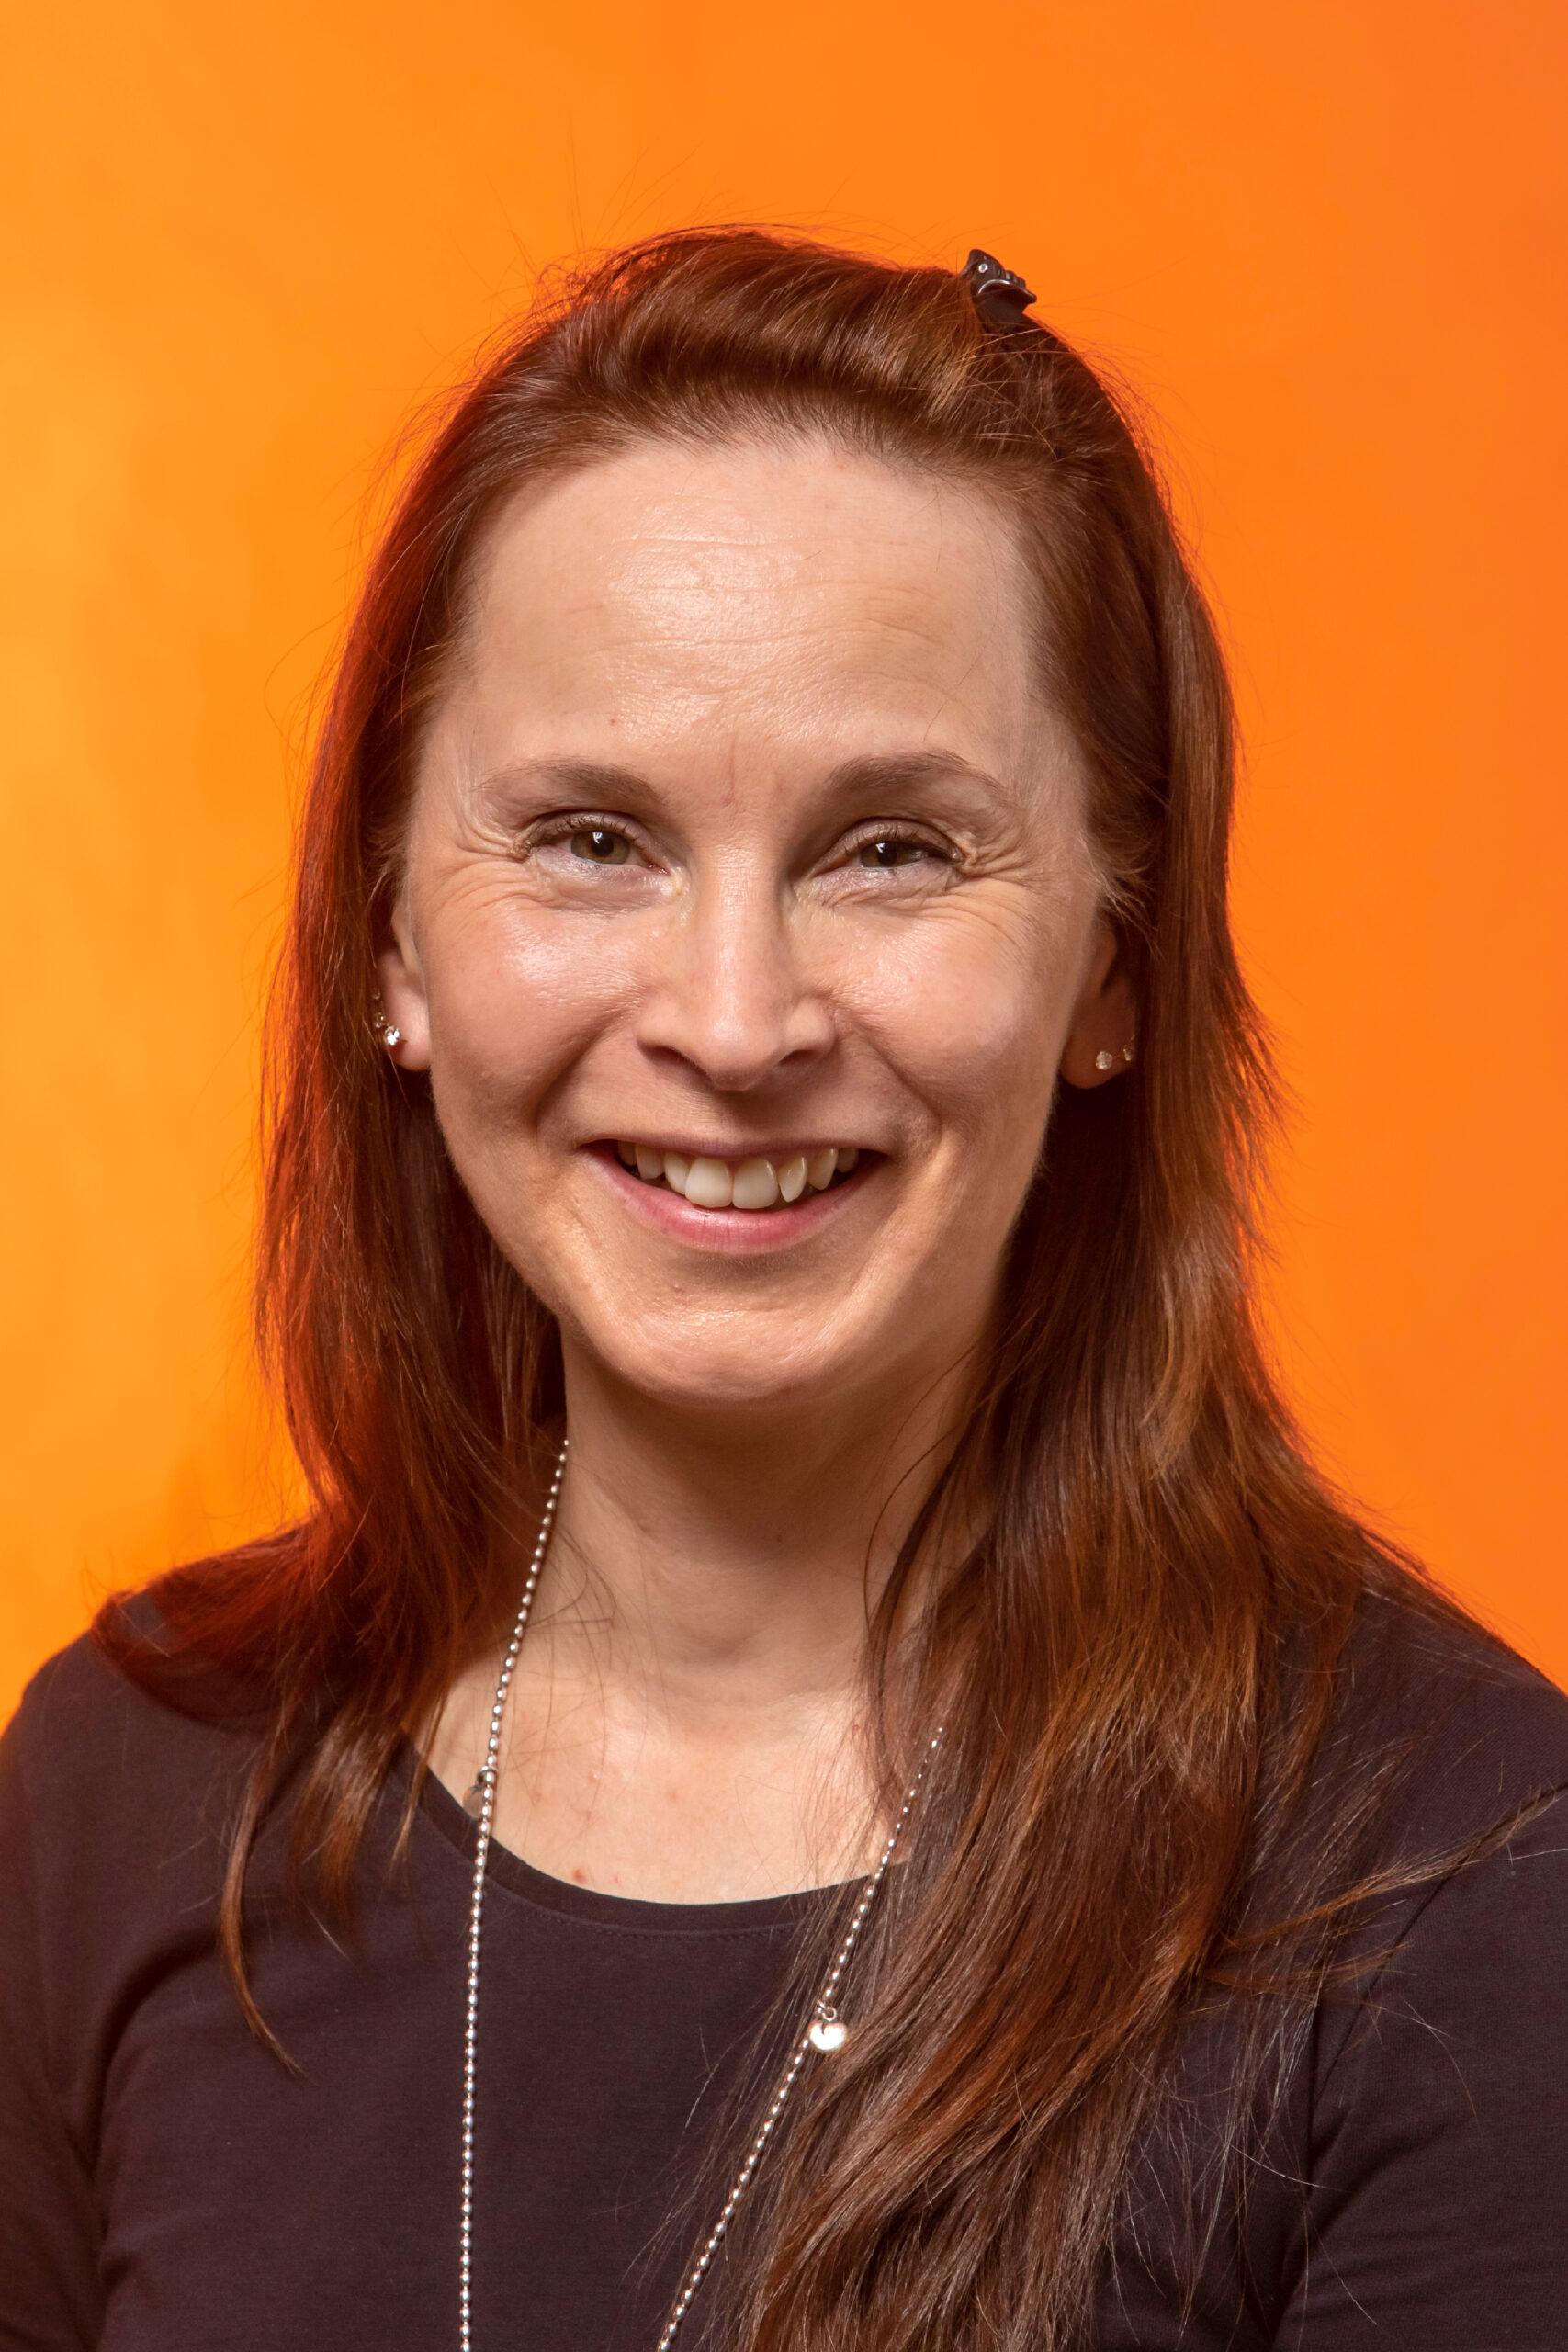 Johanna Pyrrö